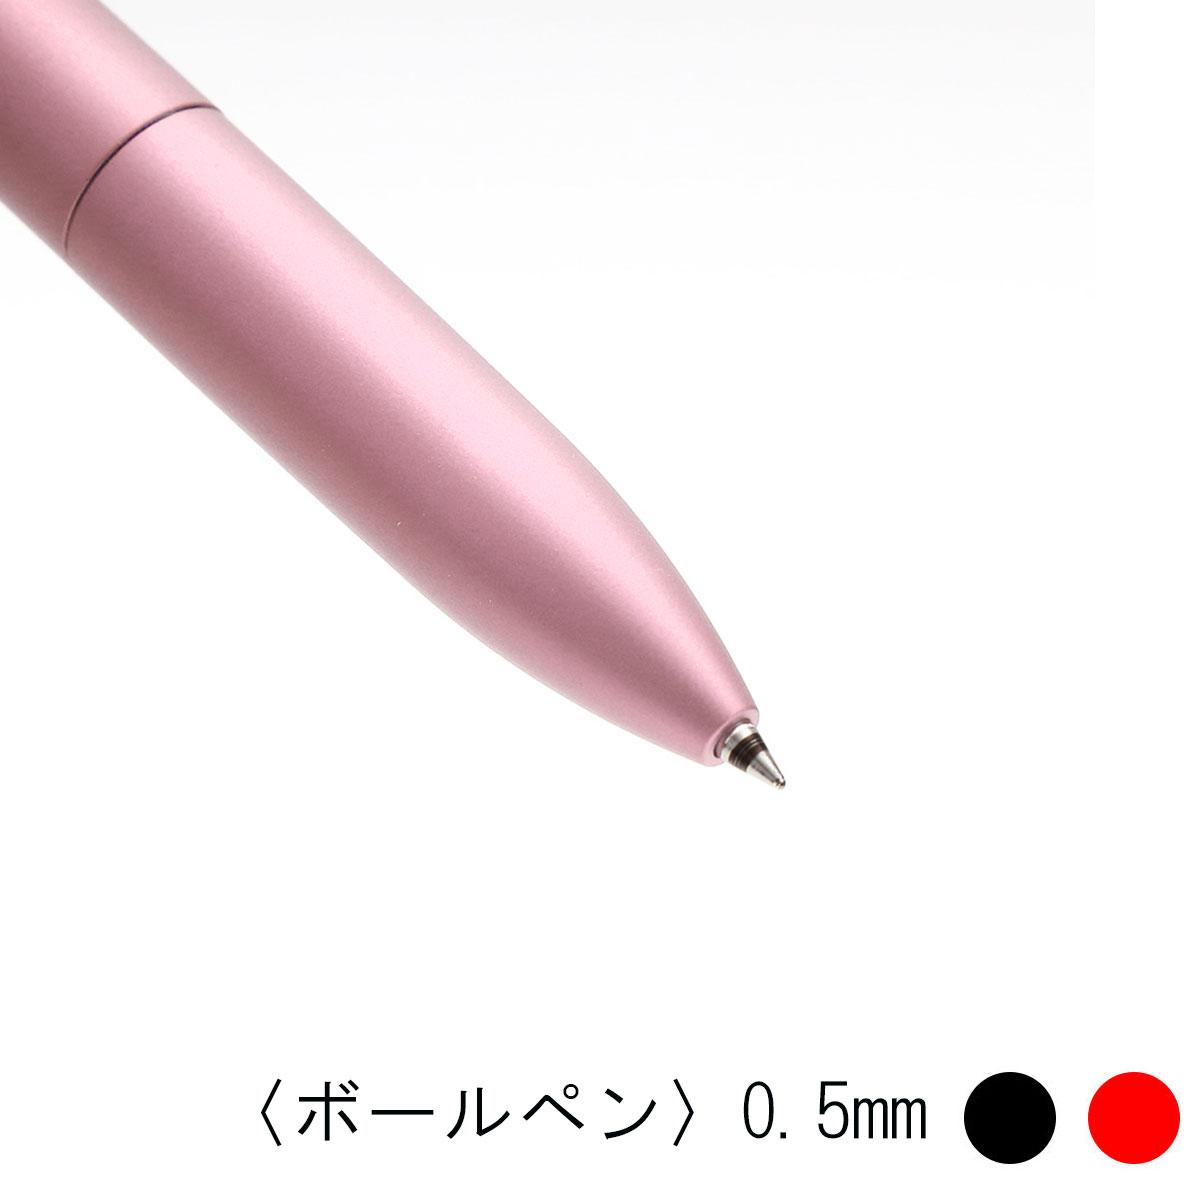 三菱鉛筆 ジェットストリーム プライム ノック式多機能ペン 2&1 MSXE3-3000-05